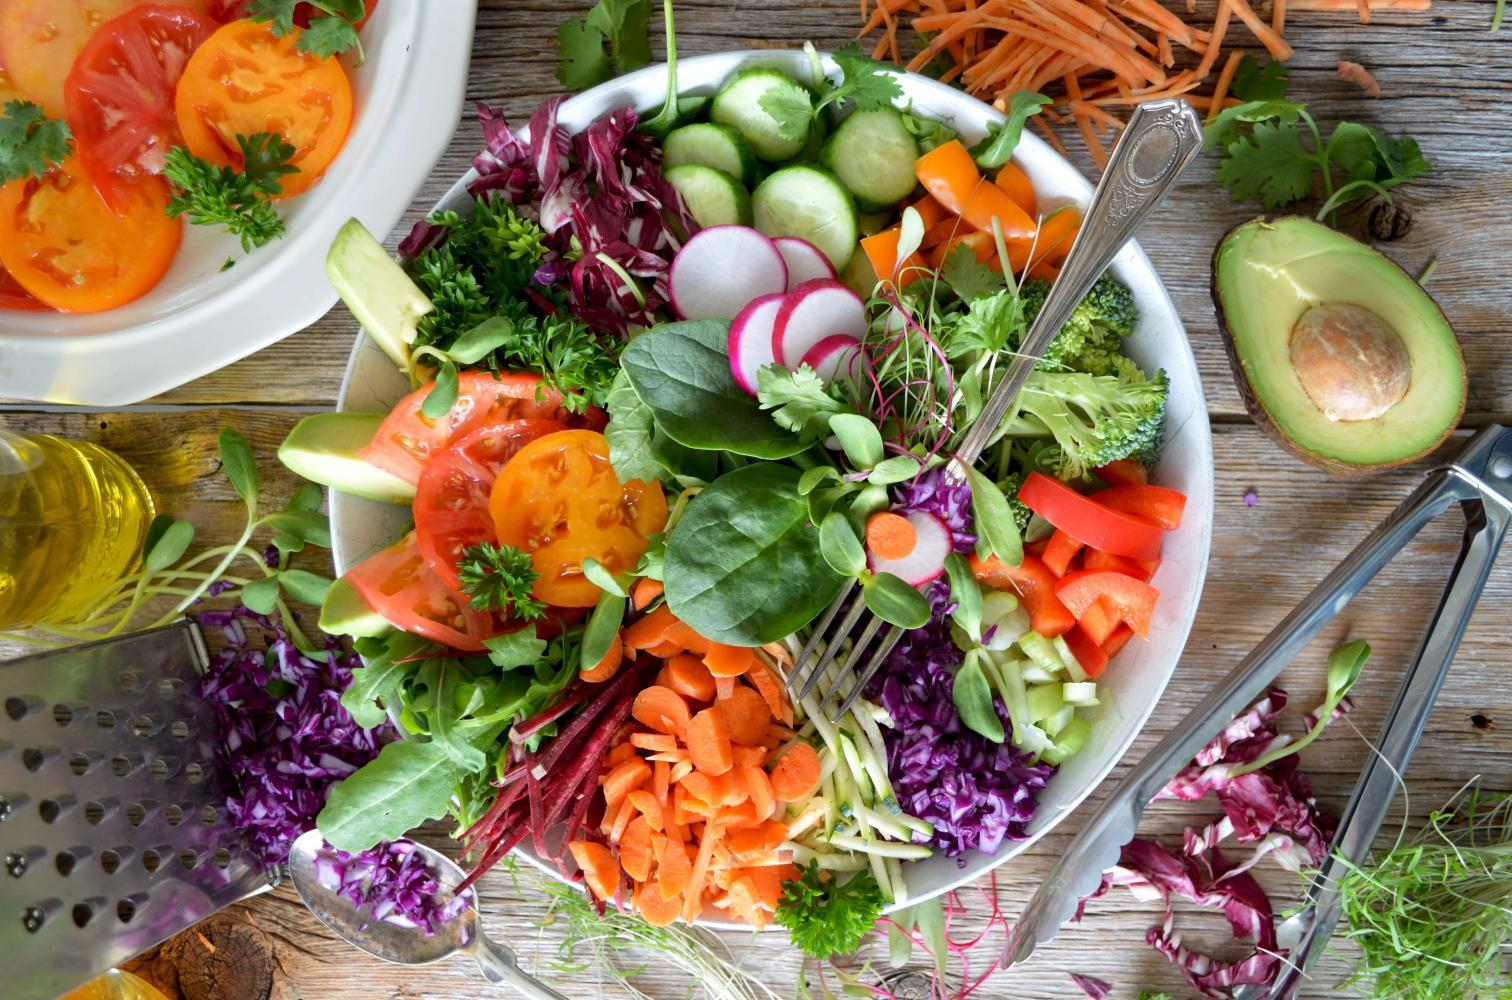 Čerstvé jídlo by mělo být základem našeho jídelníčku